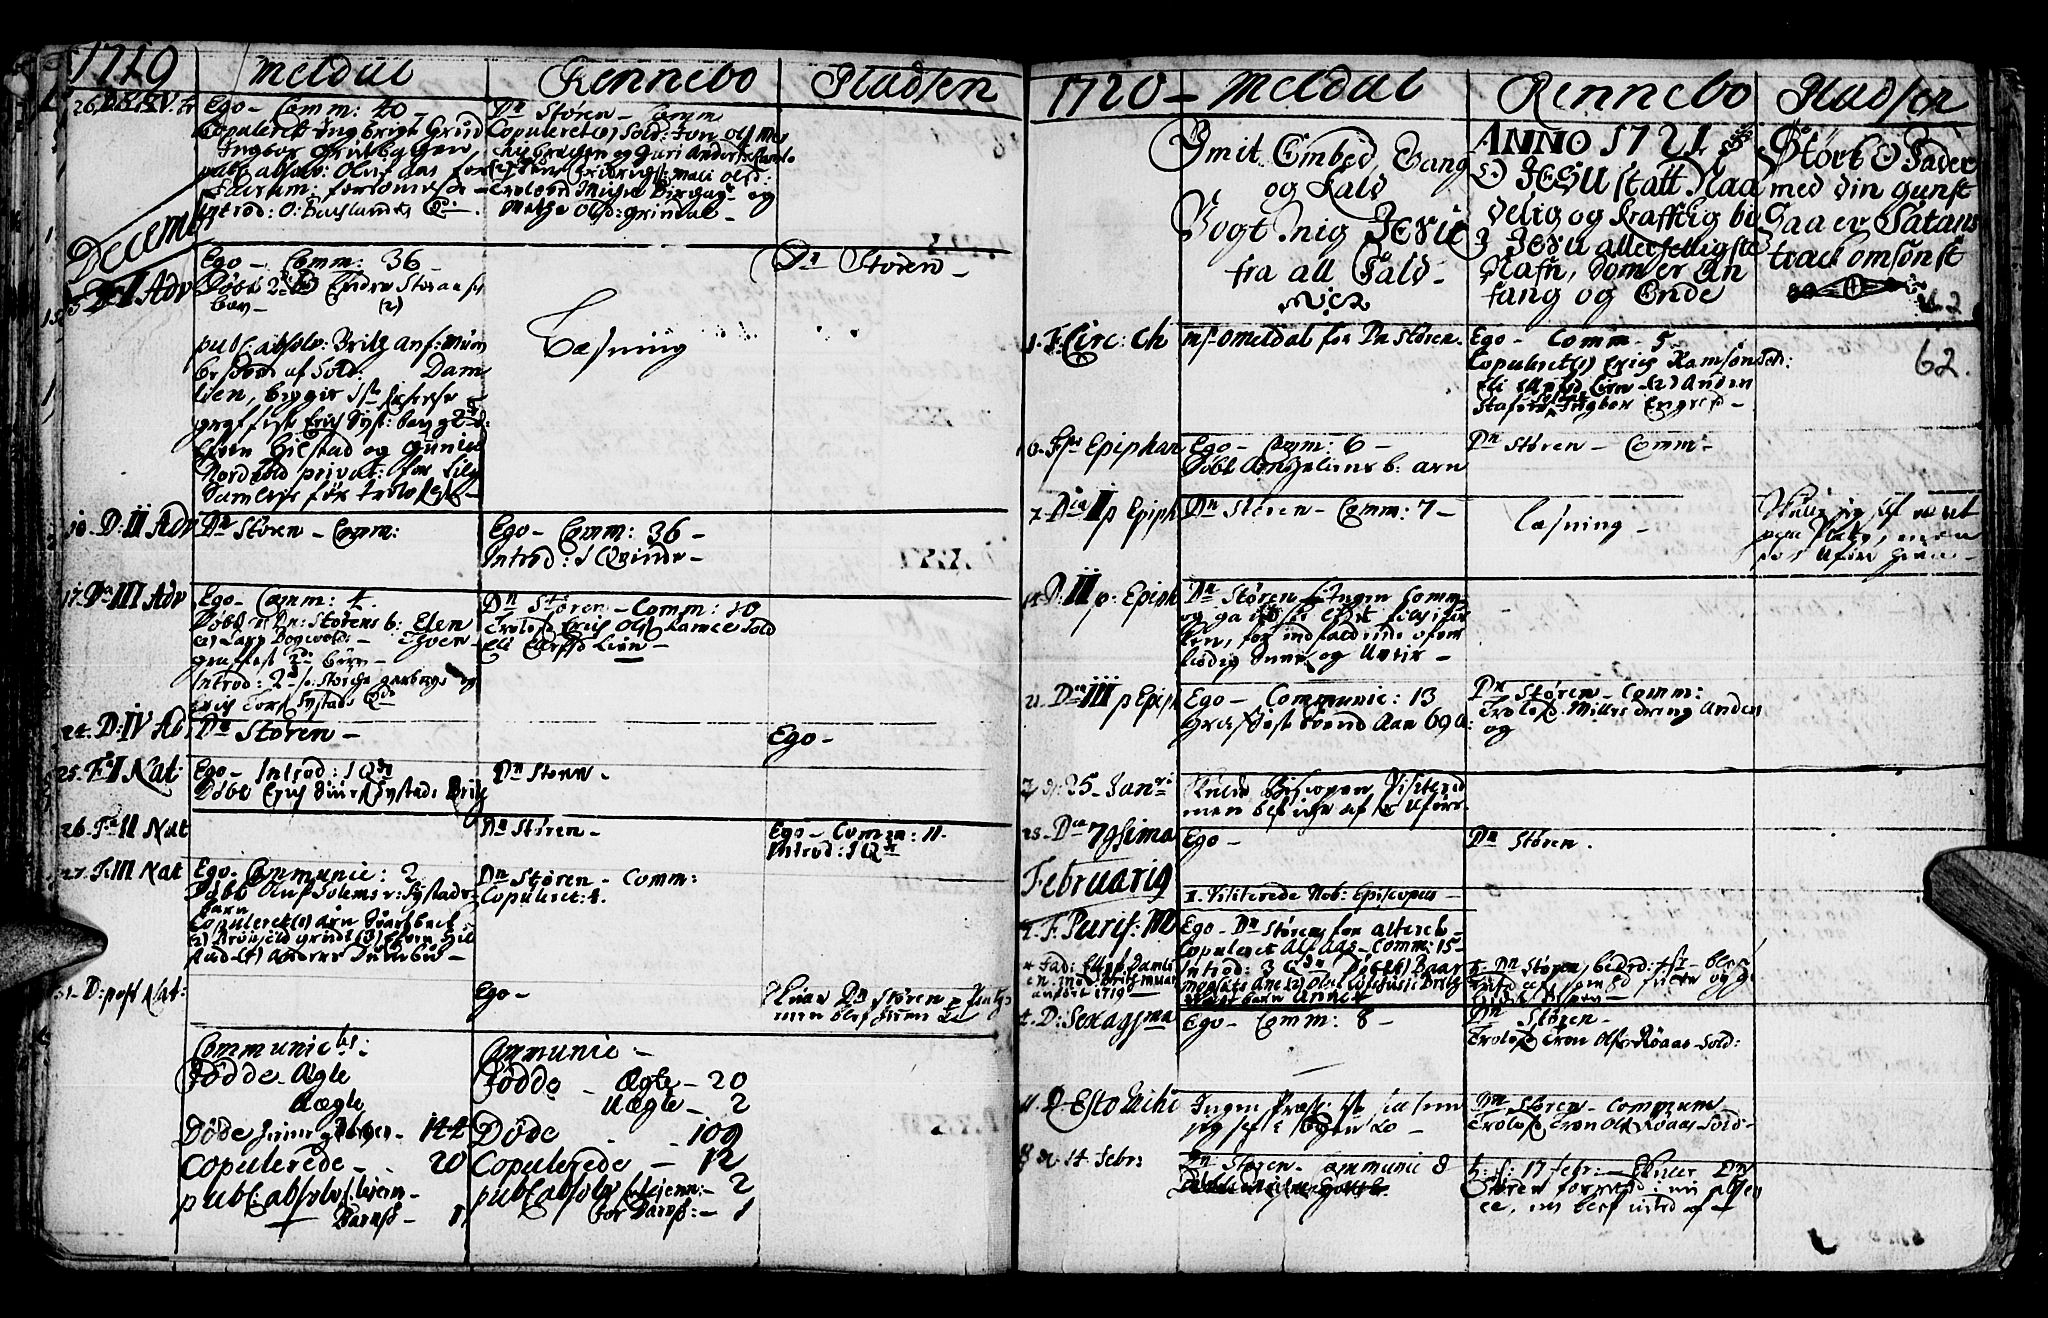 SAT, Ministerialprotokoller, klokkerbøker og fødselsregistre - Sør-Trøndelag, 672/L0849: Ministerialbok nr. 672A02, 1705-1725, s. 62